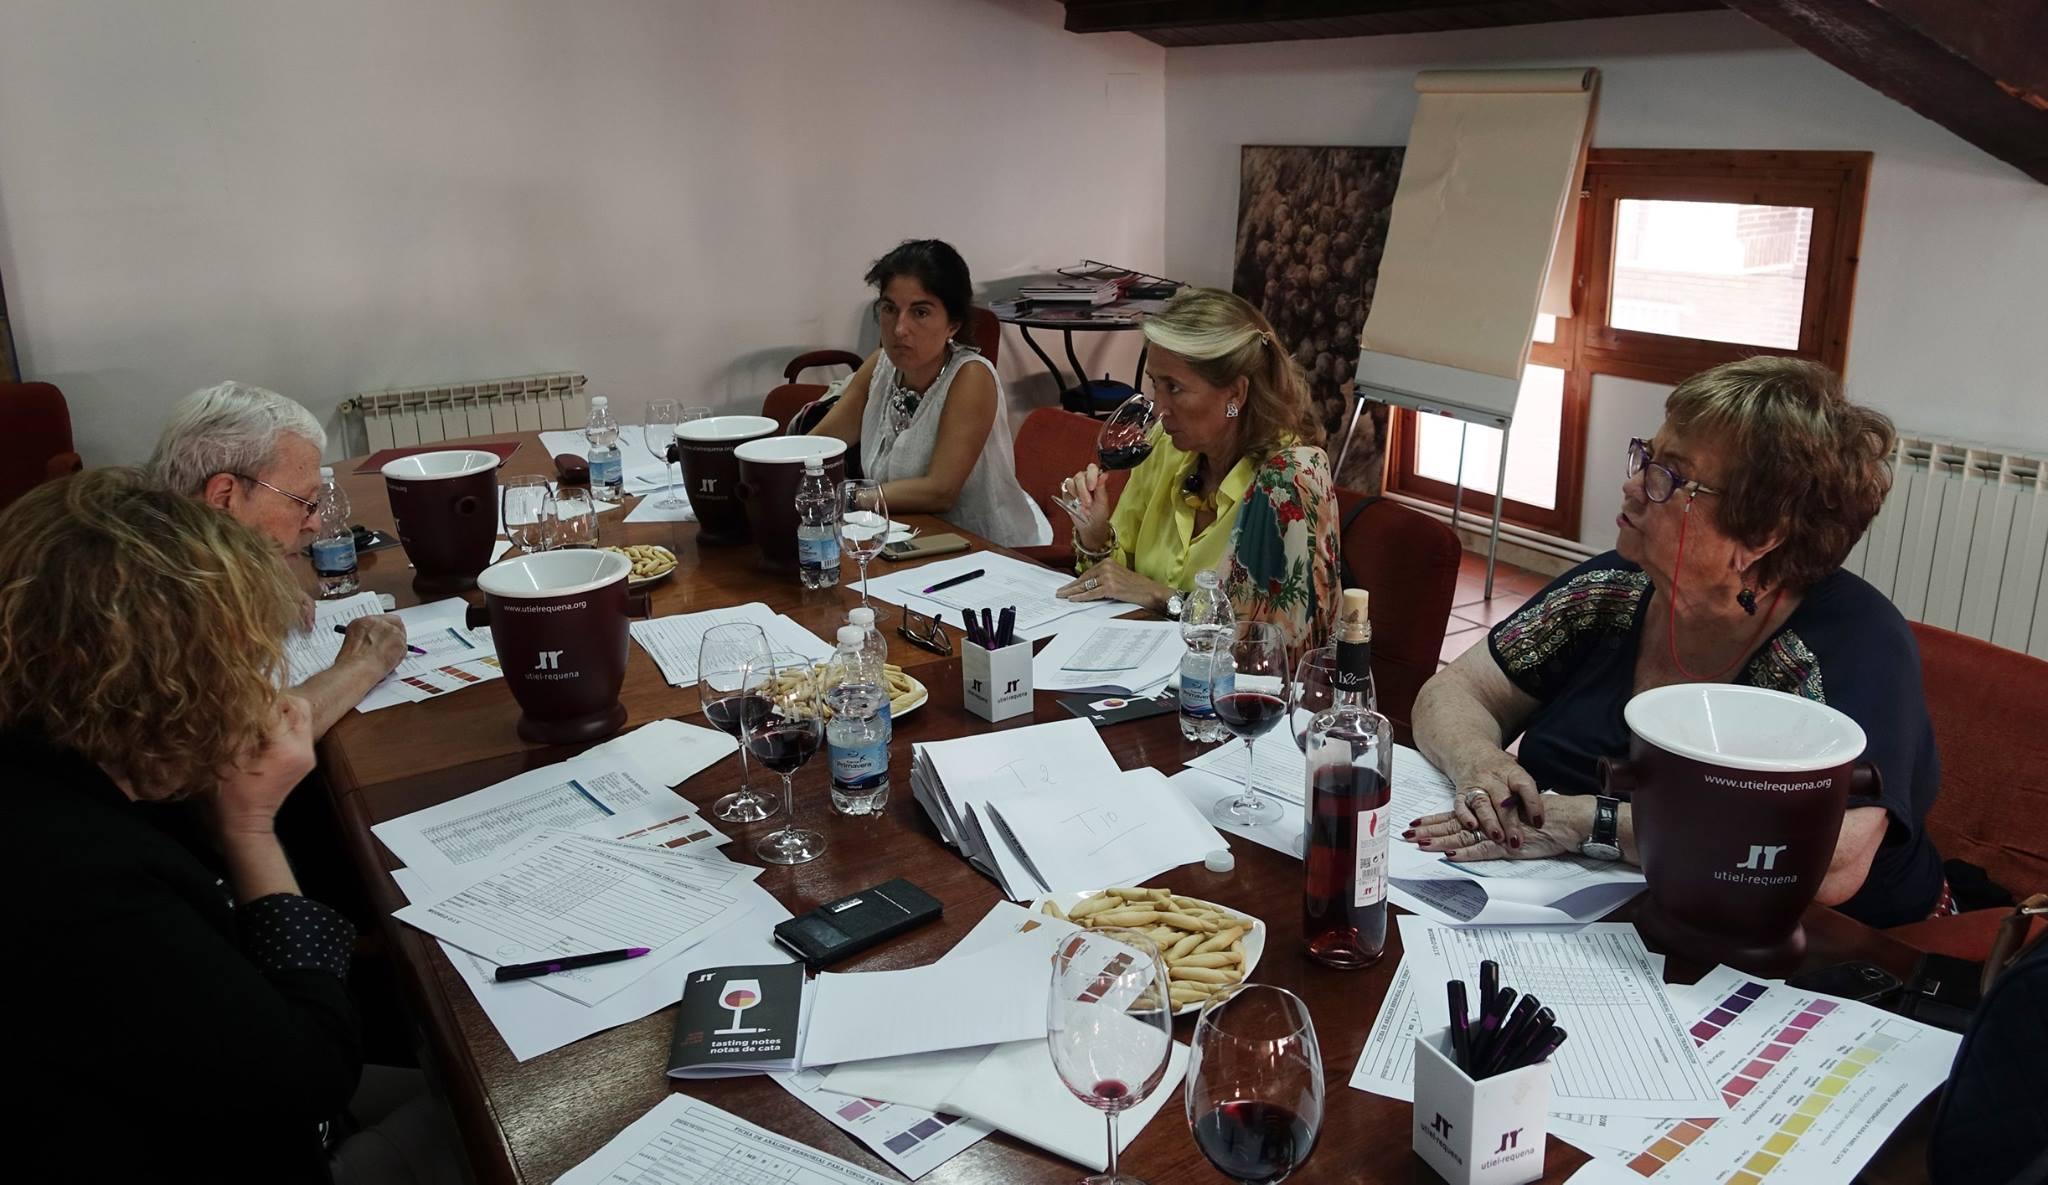 Visita de la 'Guía Repsol' para catar los vinos de Utiel – Requena